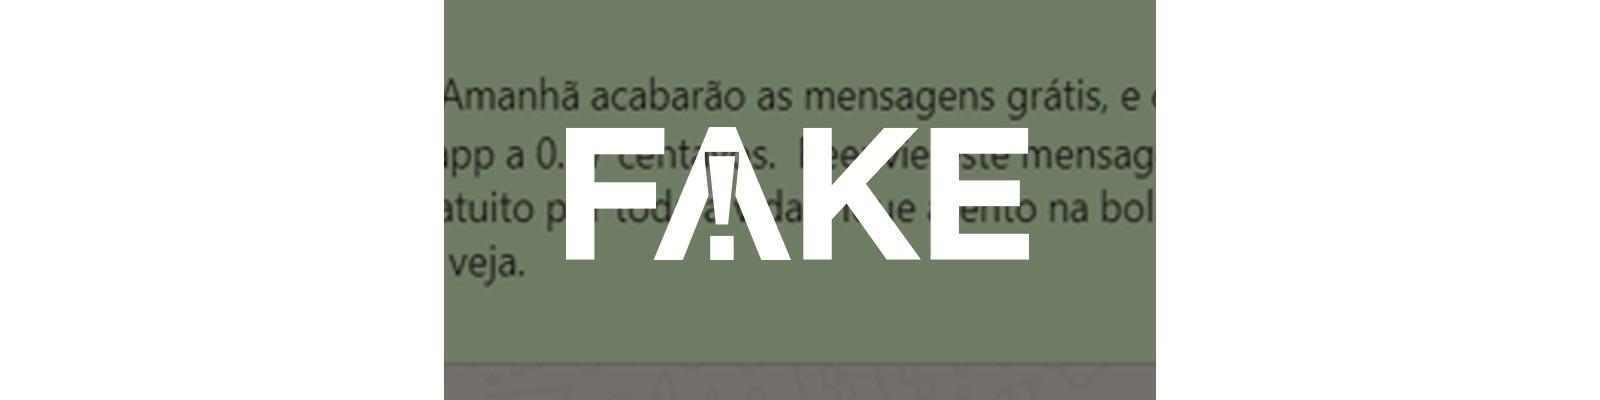 É #FAKE que WhatsApp passará a cobrar R$ 0,37 por envio de mensagens - Notícias - Plantão Diário